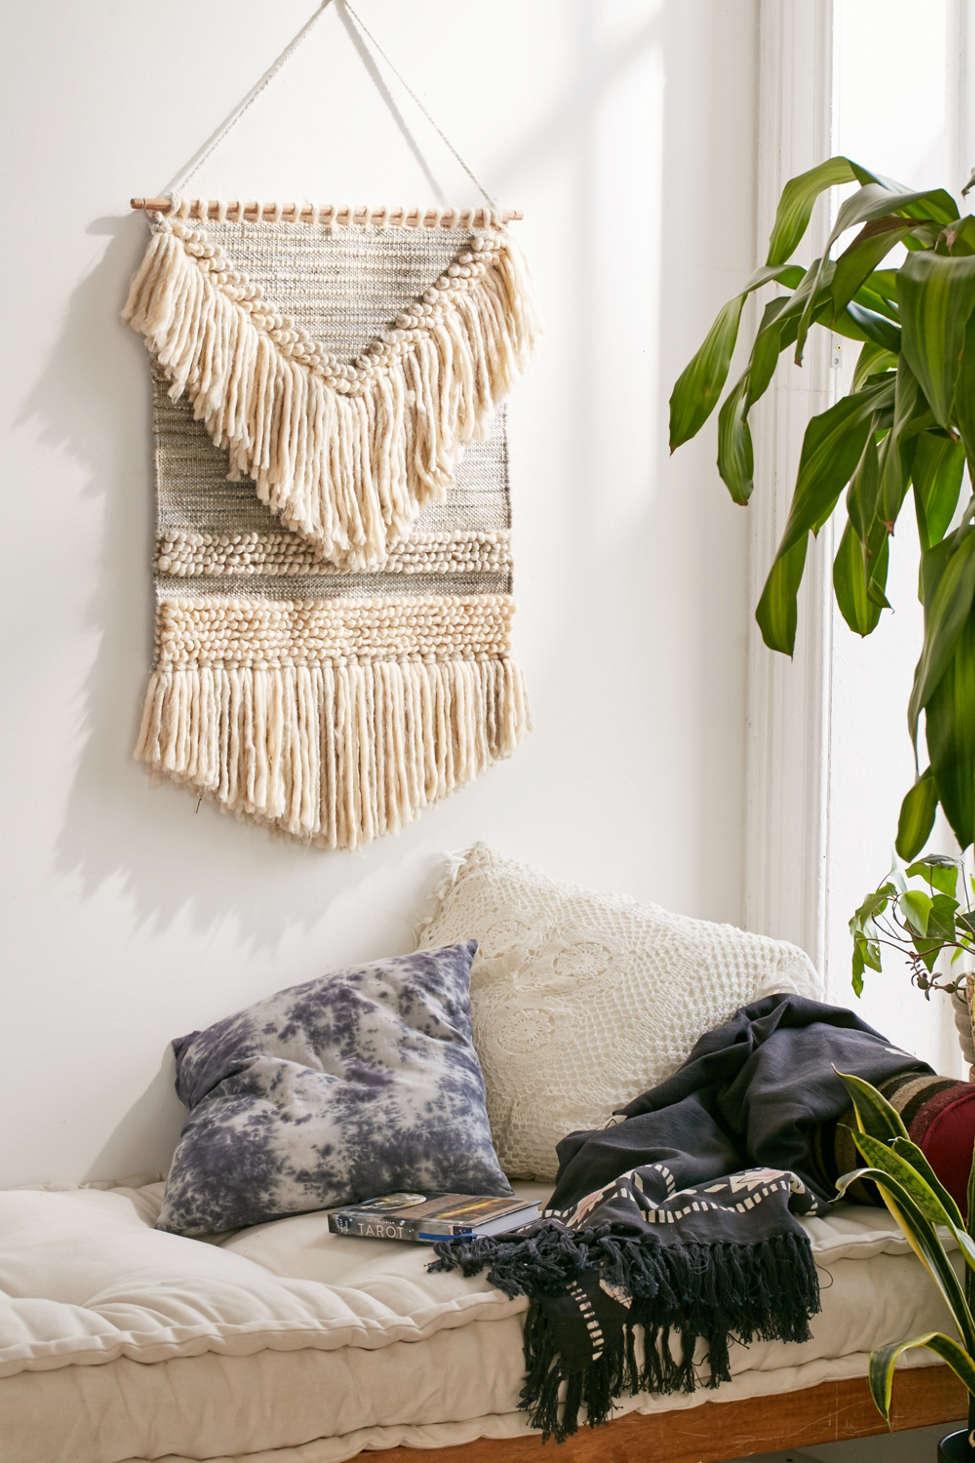 Slide View: 1: Magical Thinking Textured Shaga Wall Hanging